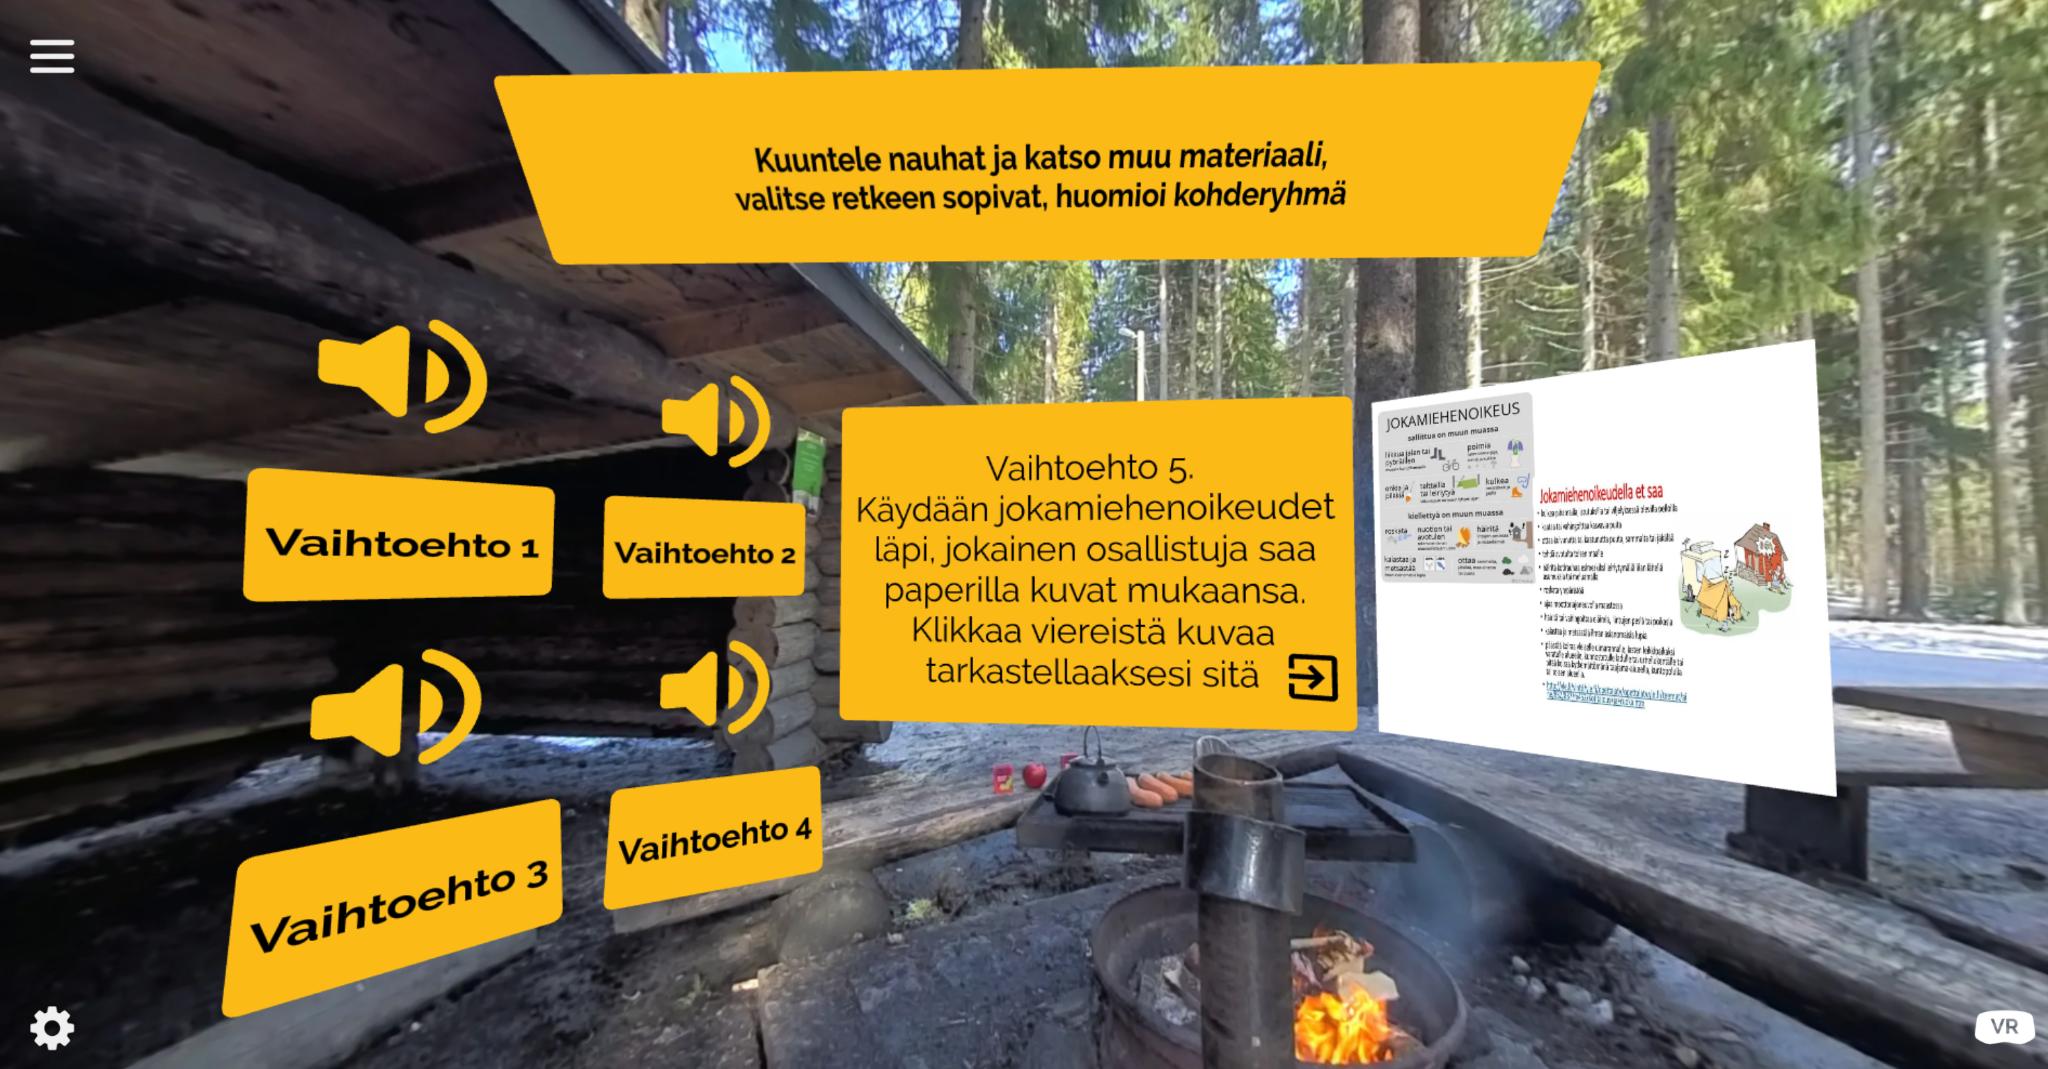 Tuotteistamisprosessin läpivientiä virtuaalisesti Xamkissa